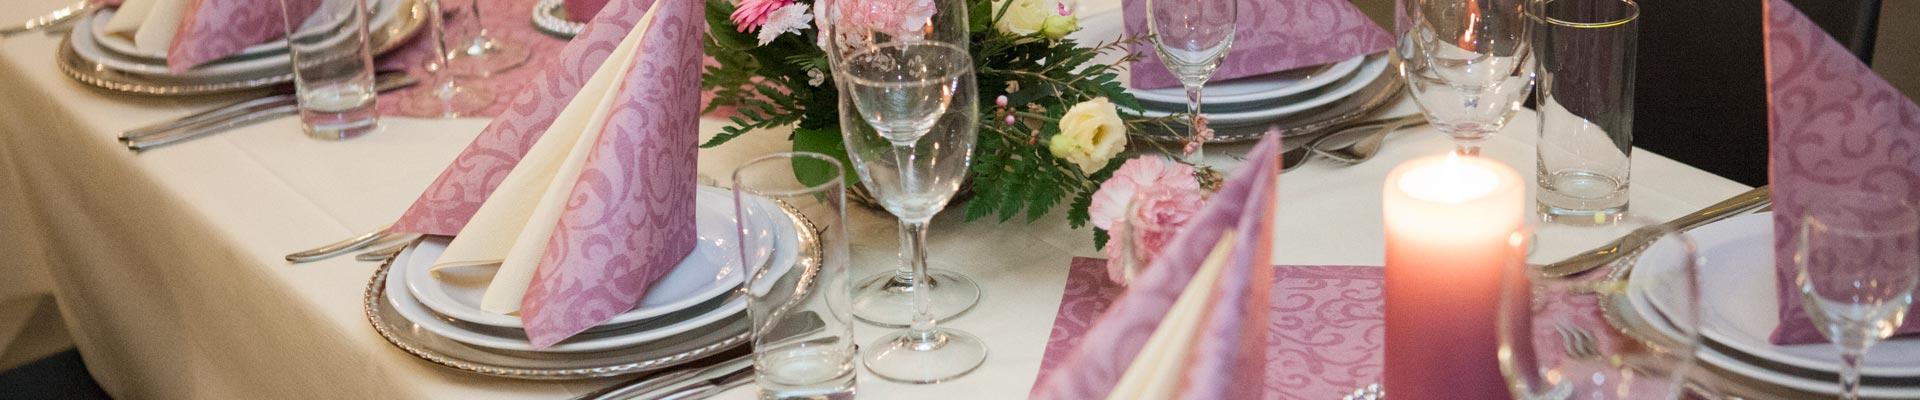 Alt til bryllupsfesten